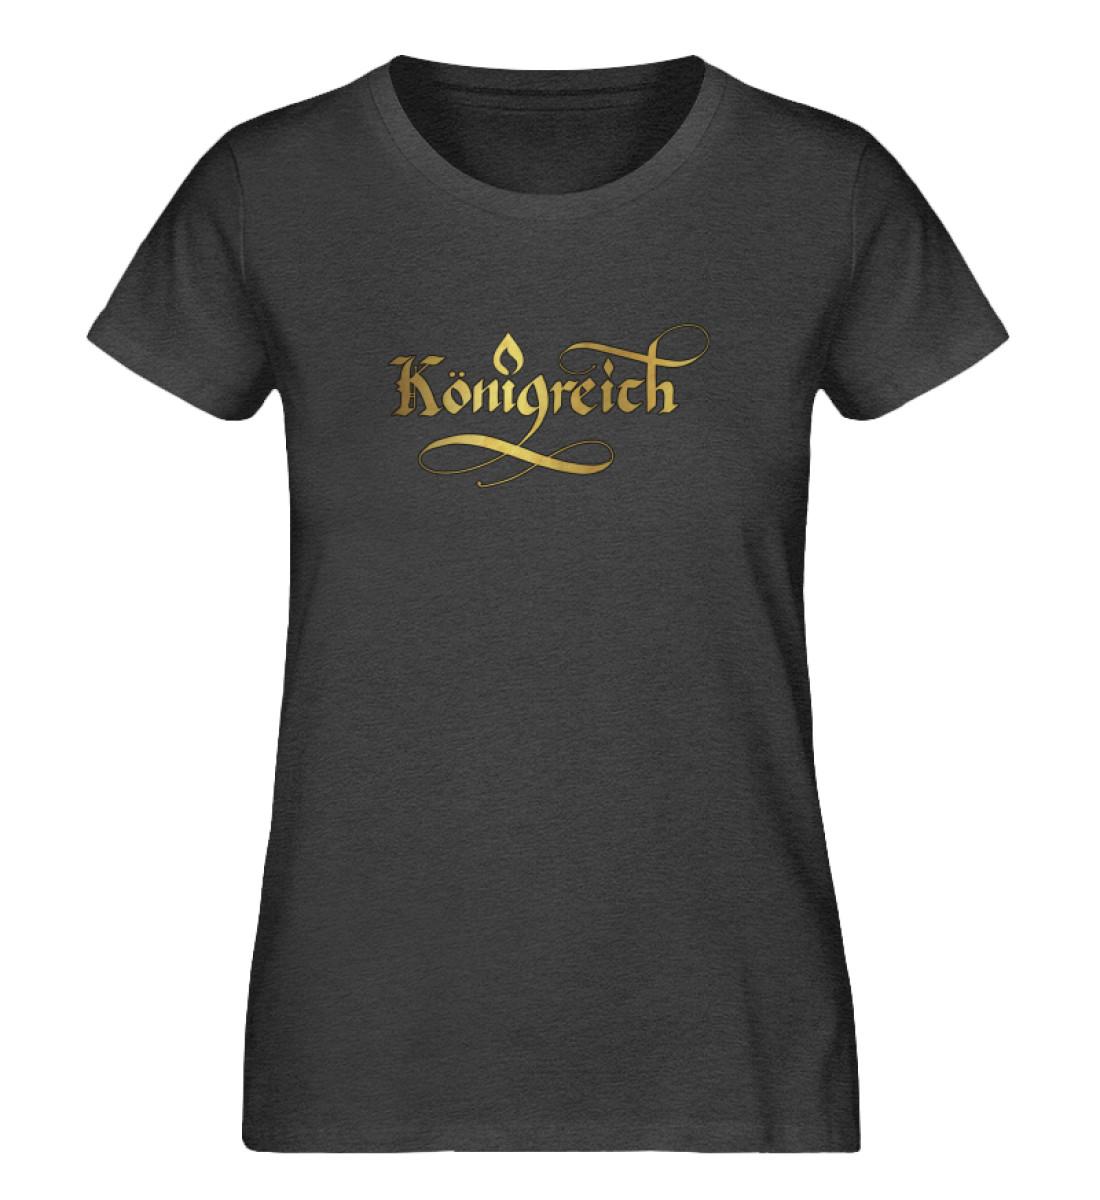 königreich - Ladies Premium Organic Shirt-6881